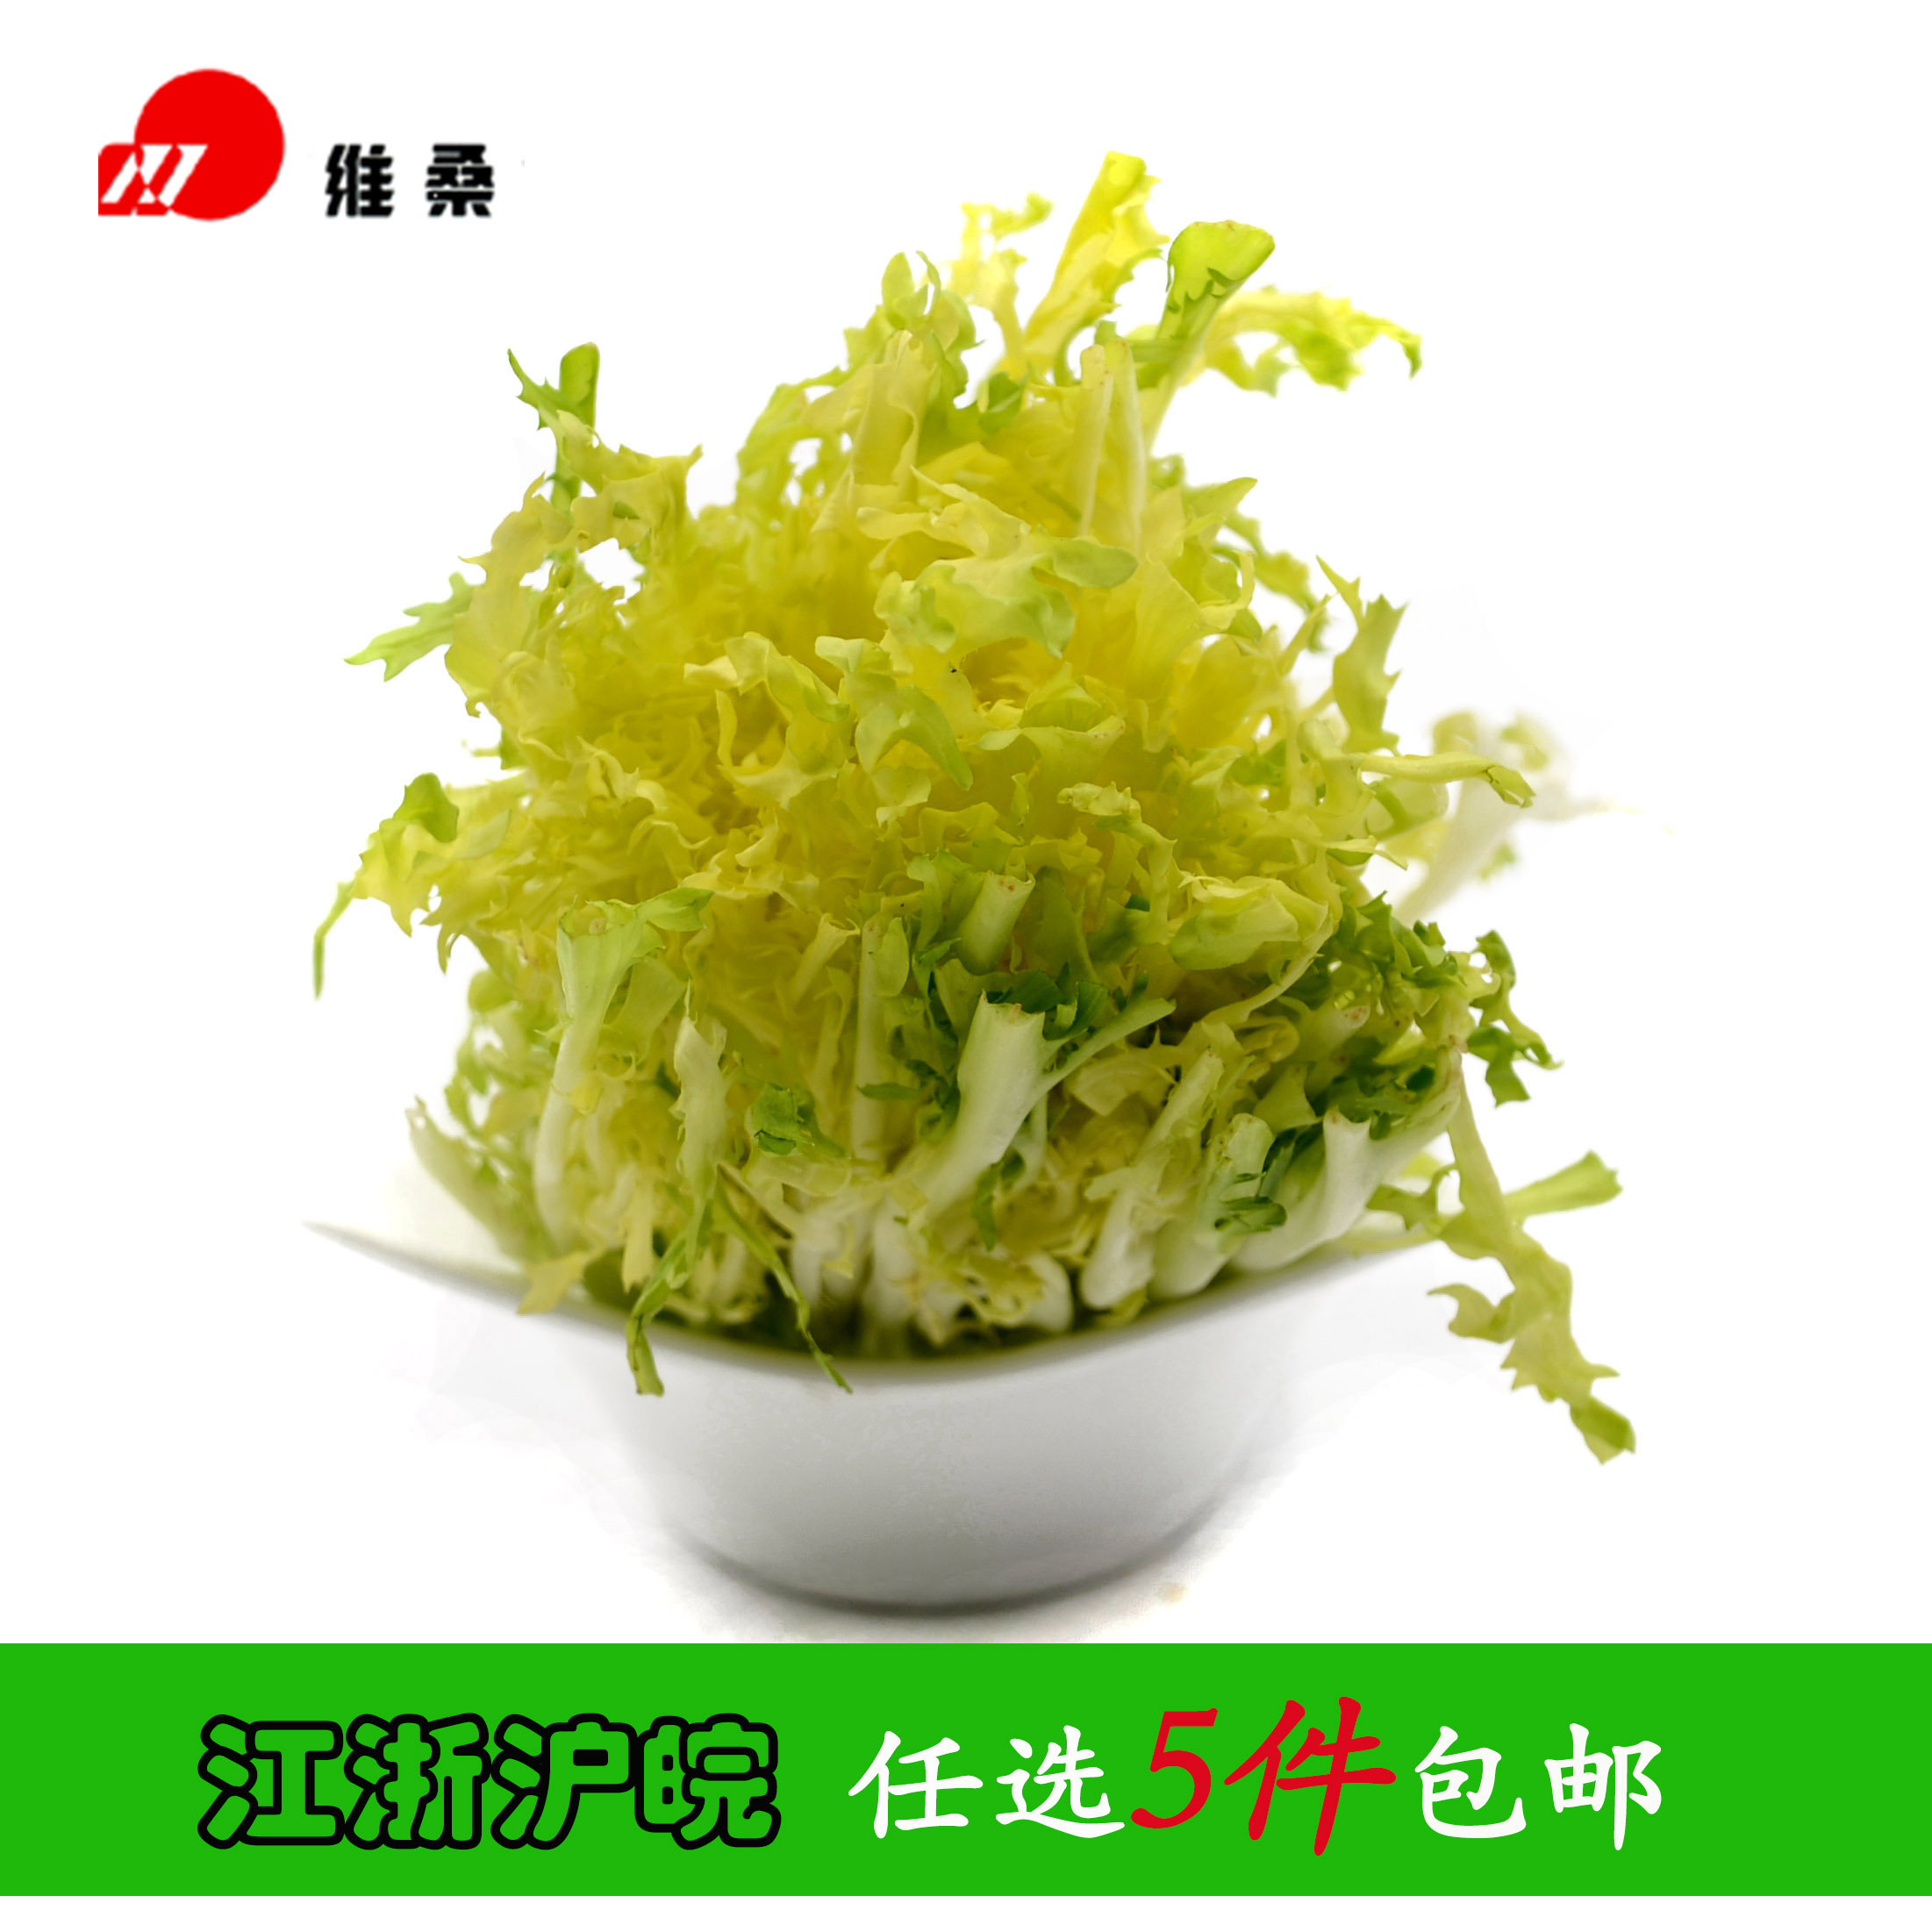 黄心苦苣 苦菊 苦叶500g 江浙沪皖任选5件包邮 时令新鲜蔬菜沙拉